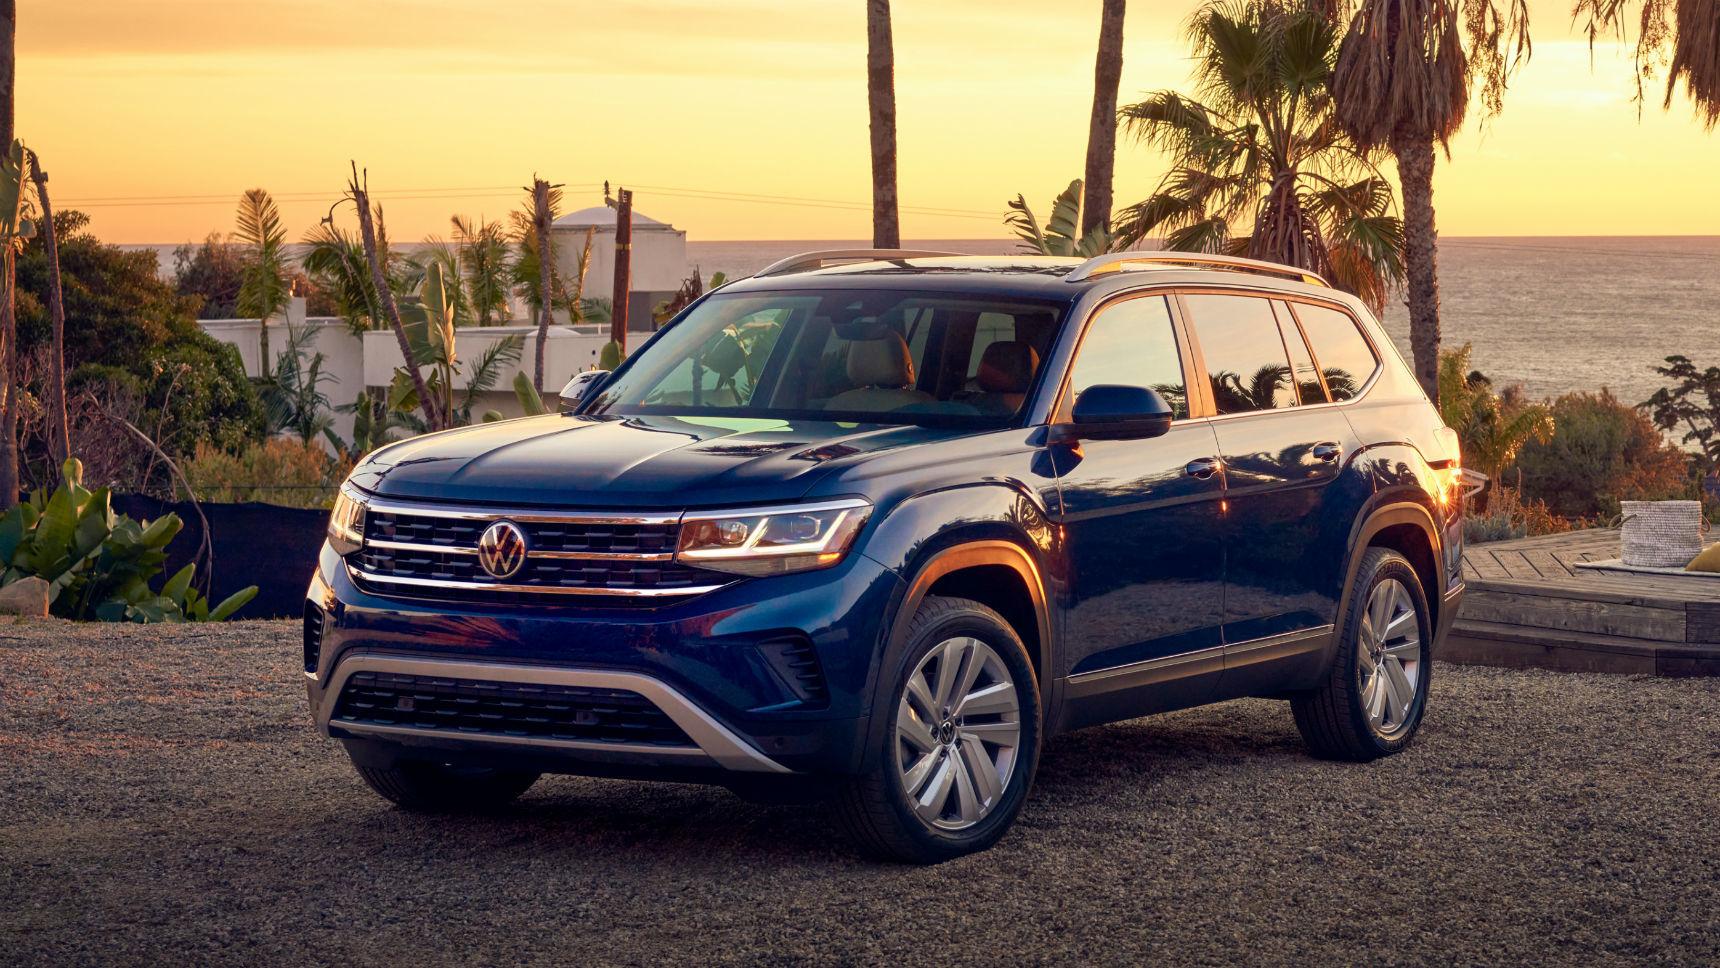 Рестайлинговый Volkswagen Teramont получил подтяжку лица